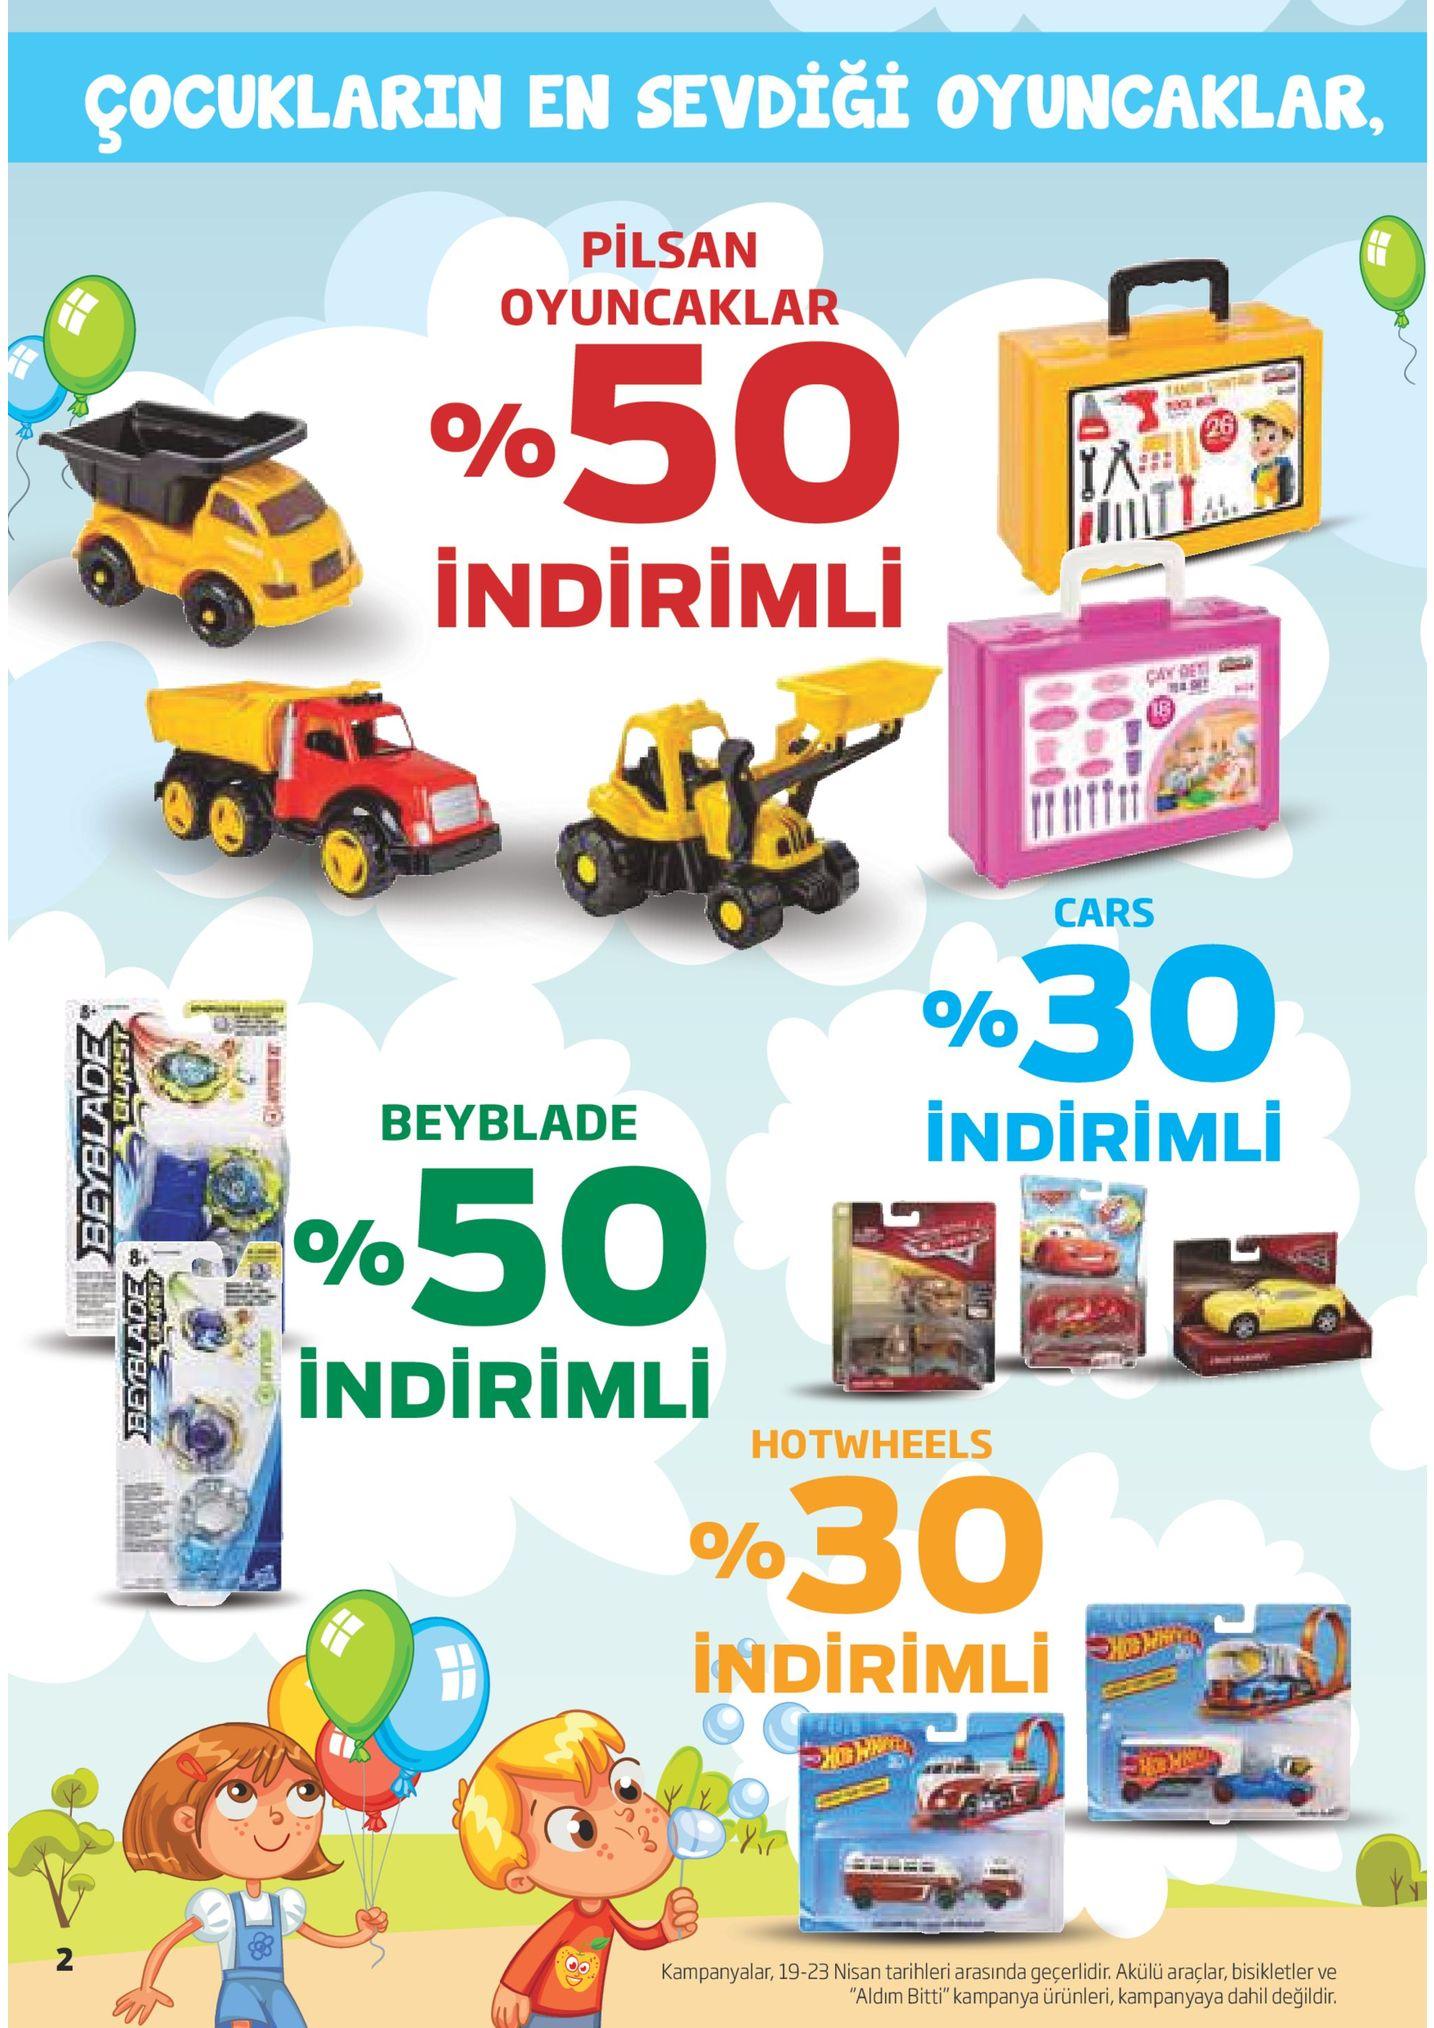 """çocuklarin en sevdiği oyuncaklar. pilsan oyuncaklar indirimli cars oo 30 beyblade indirimli 13,1 indirimli hotwheels %30 indirimli kampanyalar, 19-23 nisan tarihleri arasinda geçerlidir. akülü araçlar, bisikletler ve aldim bitti"""" kampanya ürünleri, kampanyaya dahil değildir."""